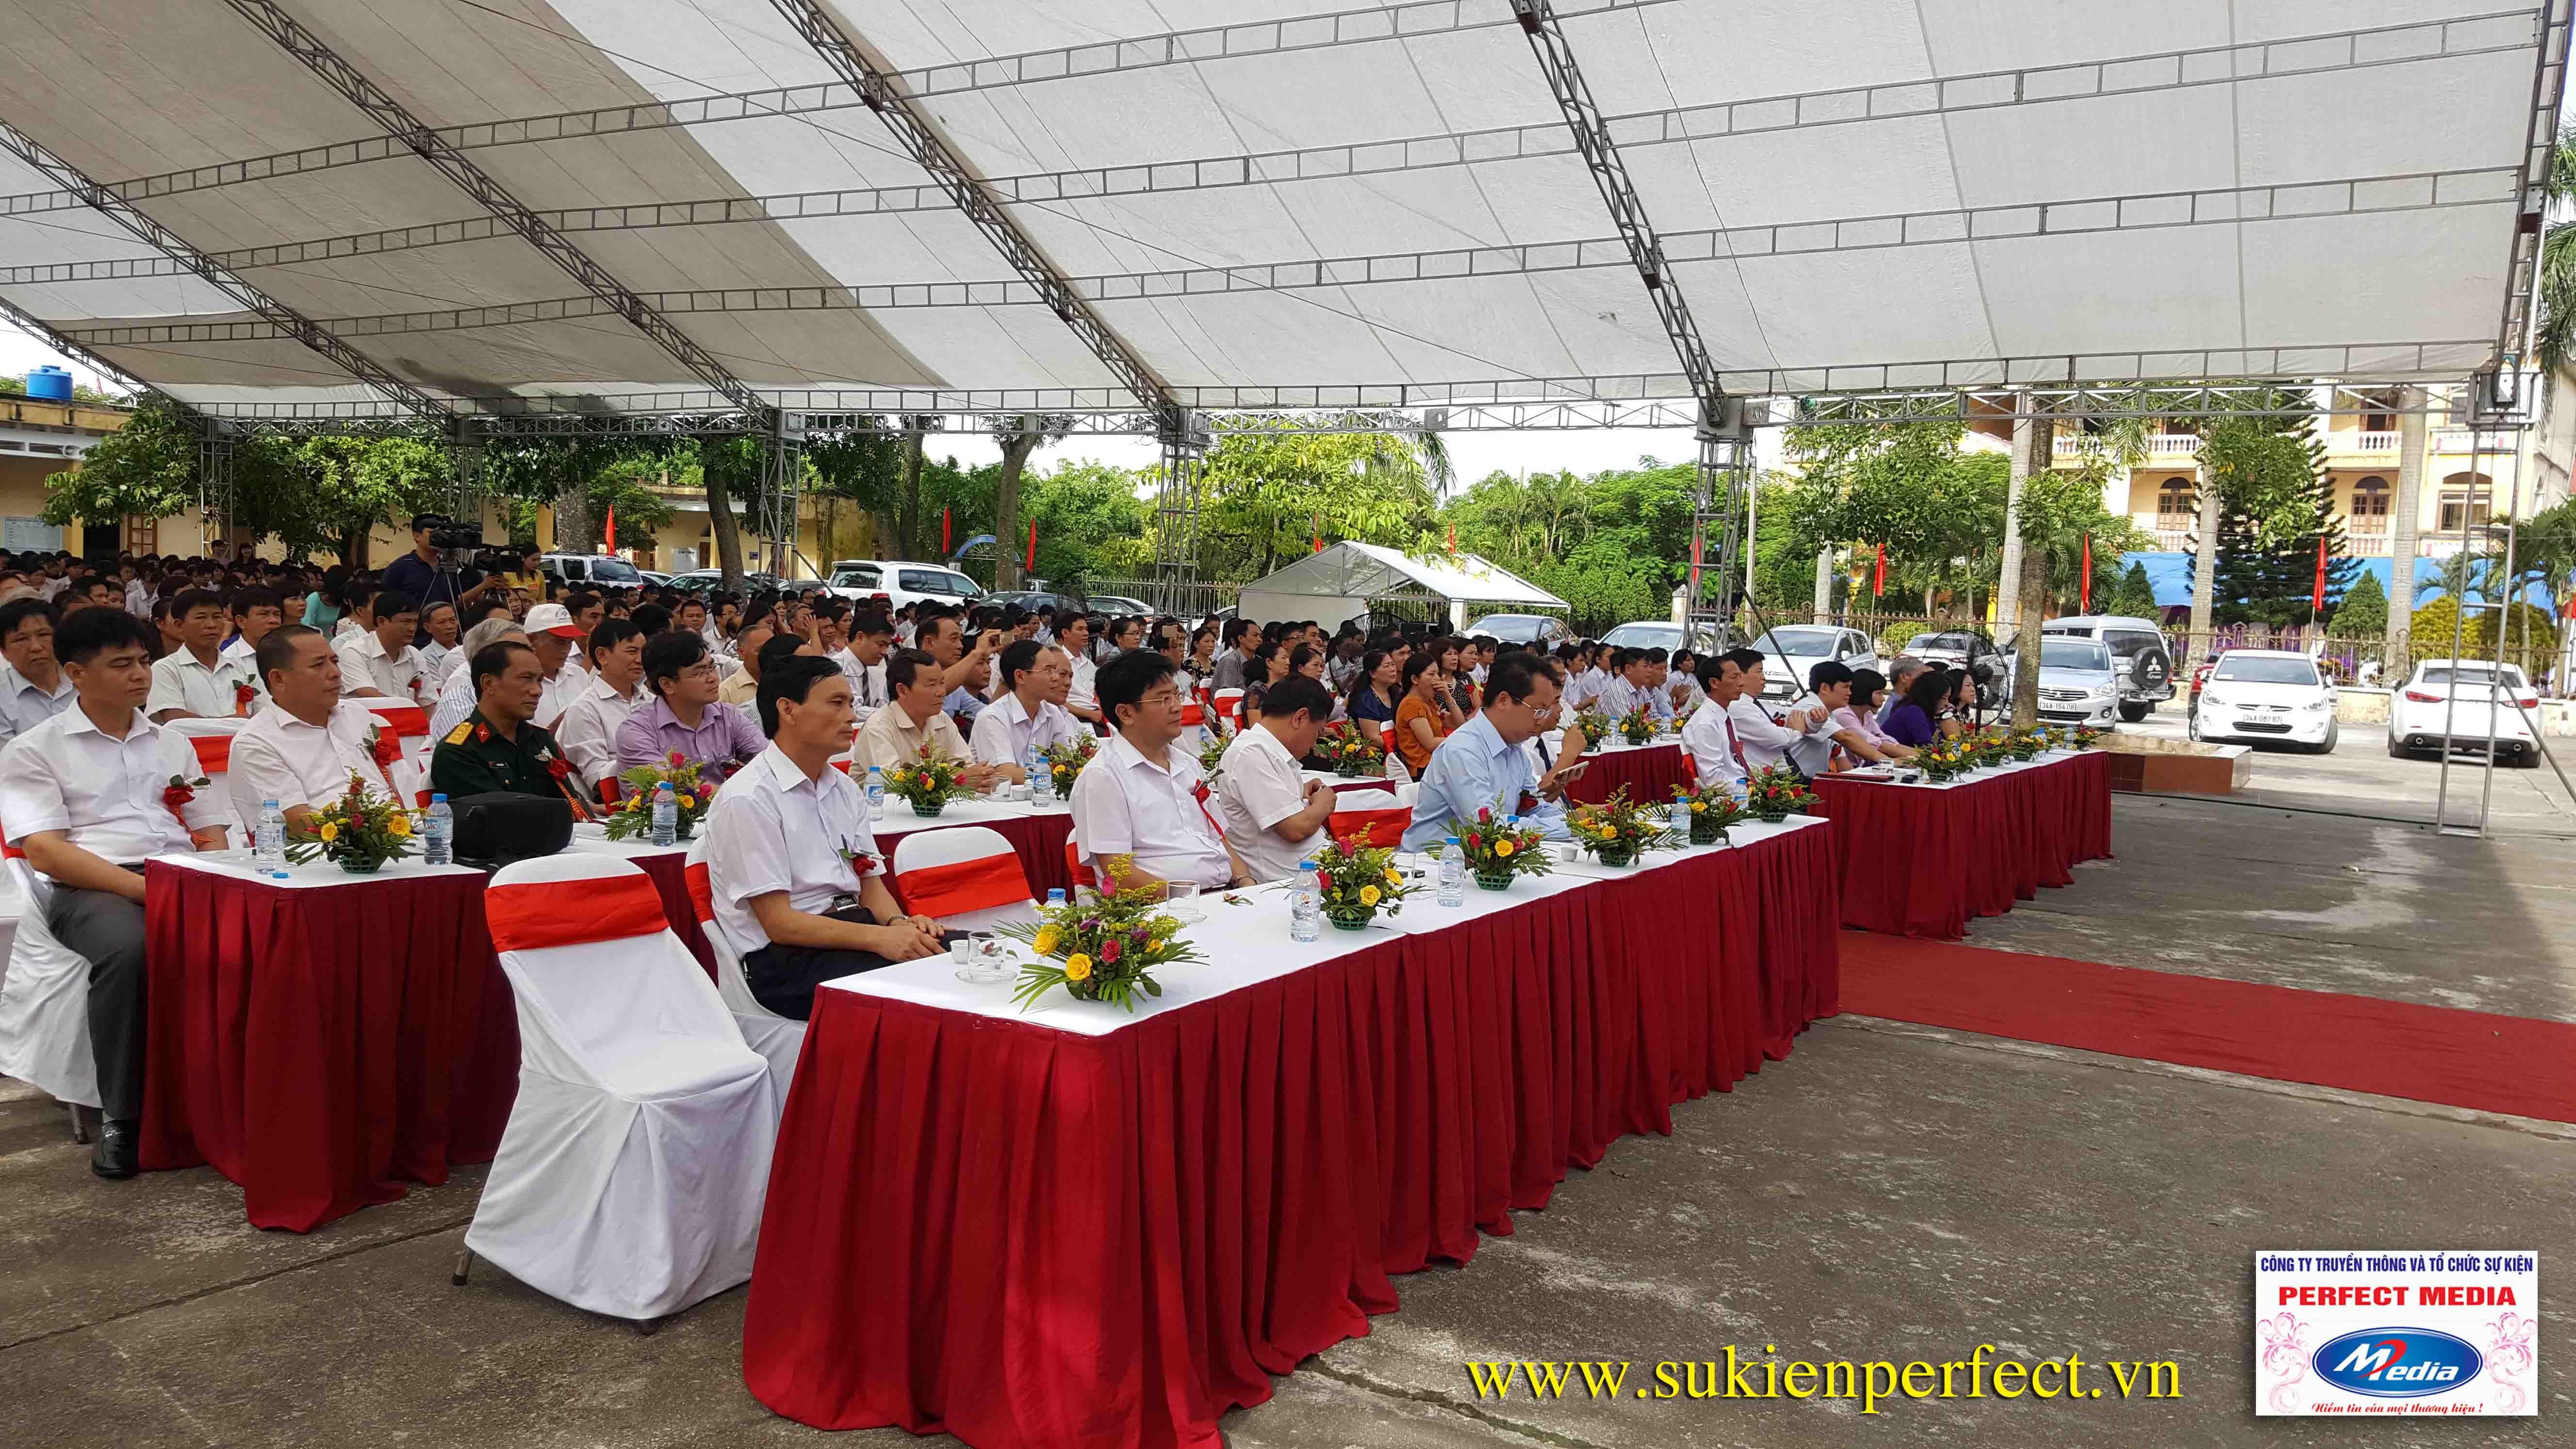 Hình ảnh trong buổi lễ THPT Phúc Thành đón chuẩn Quốc gia 12